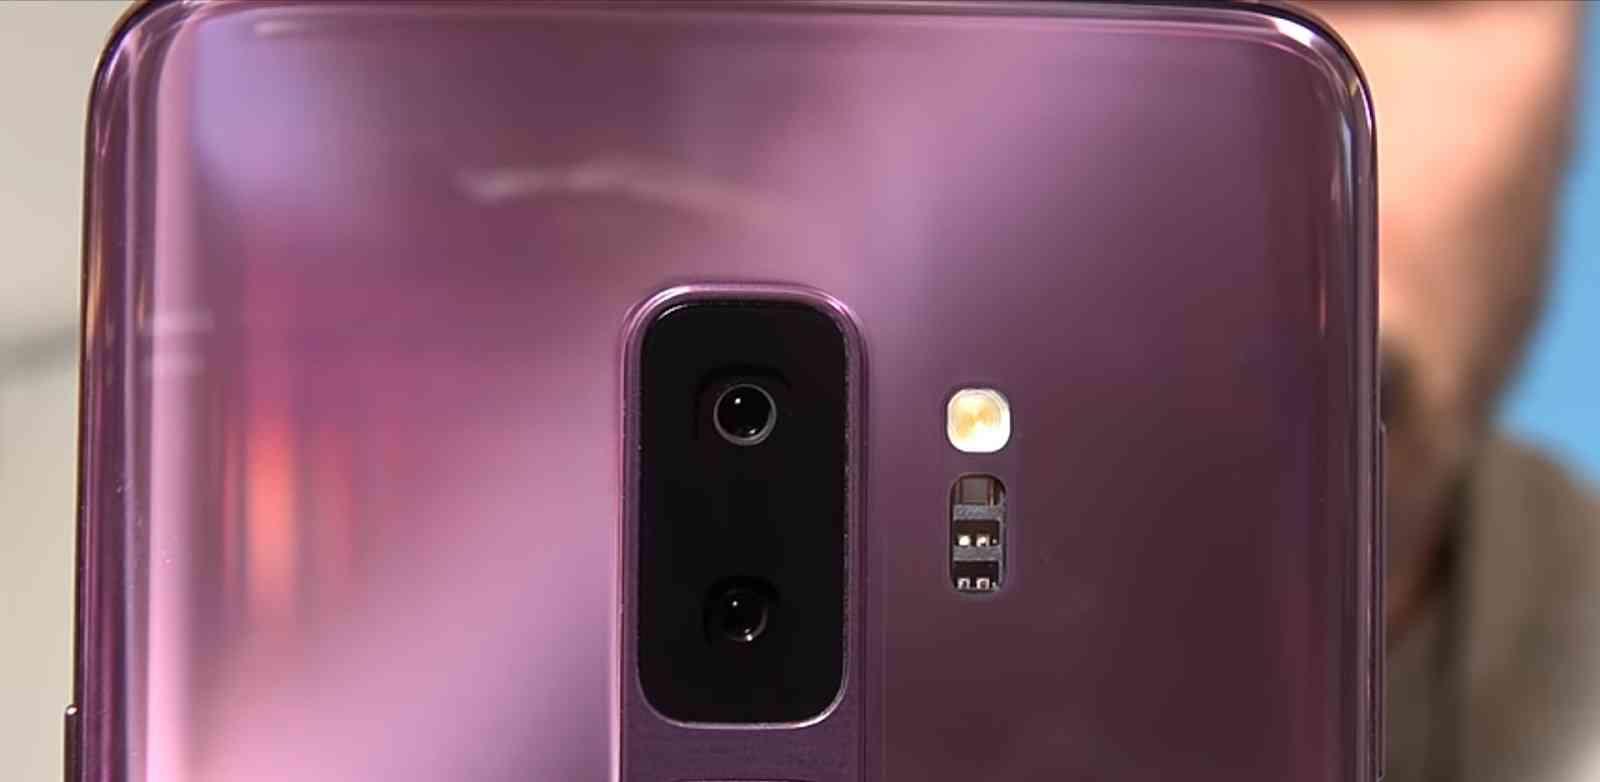 S9 Plus Dual Lens Camera